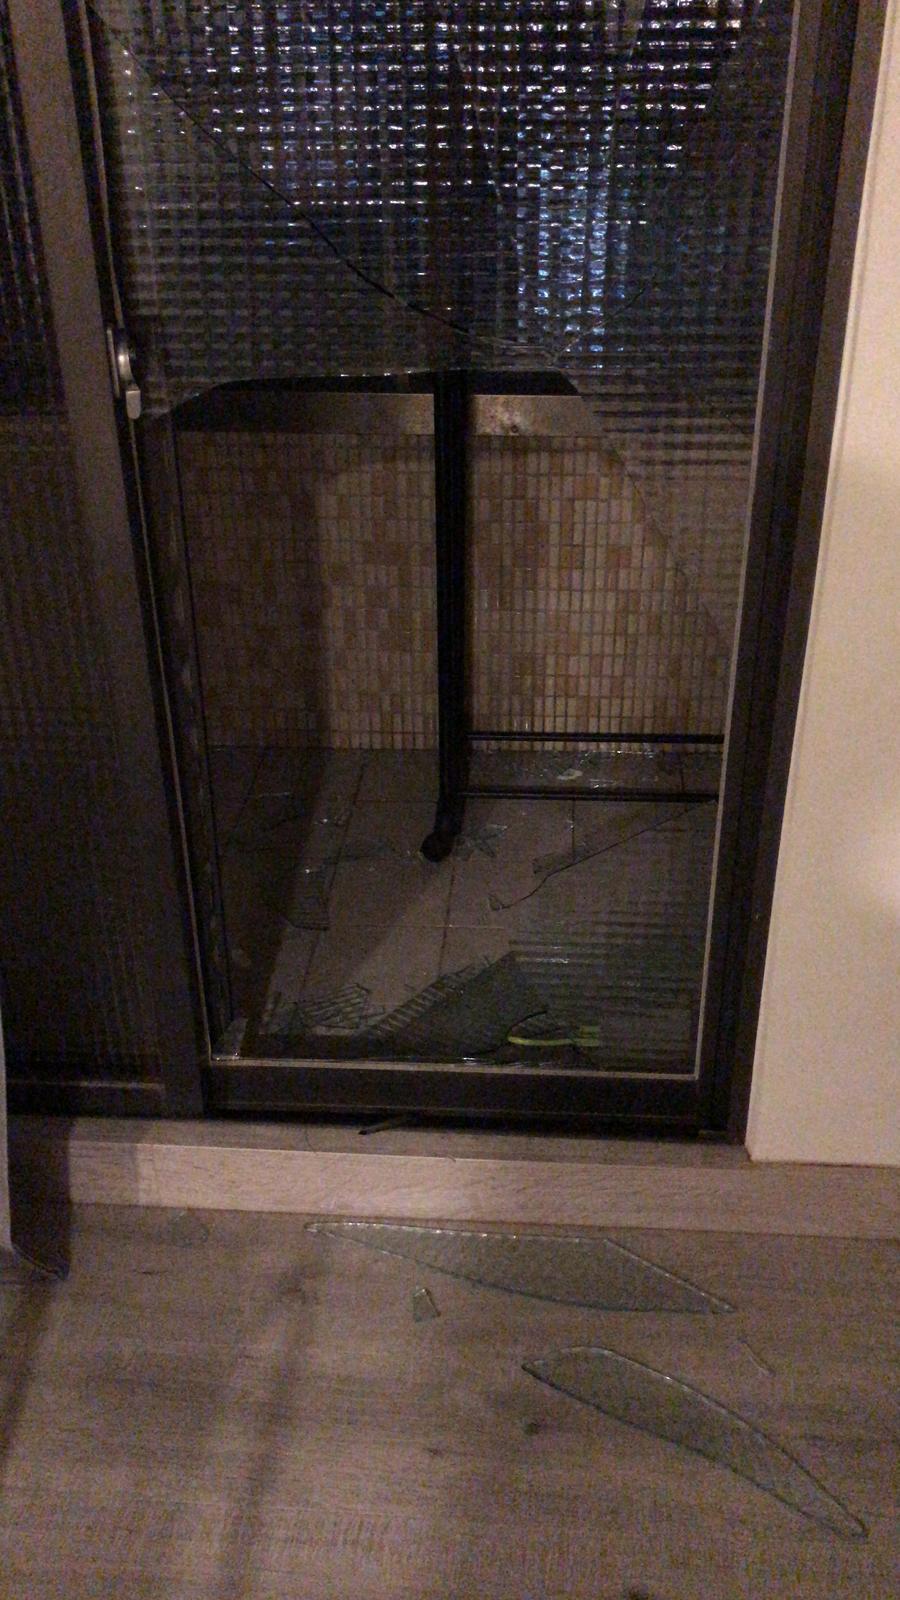 郭修彧赤手擊破2片玻璃,所幸手無大礙。圖/妮樂佛提供